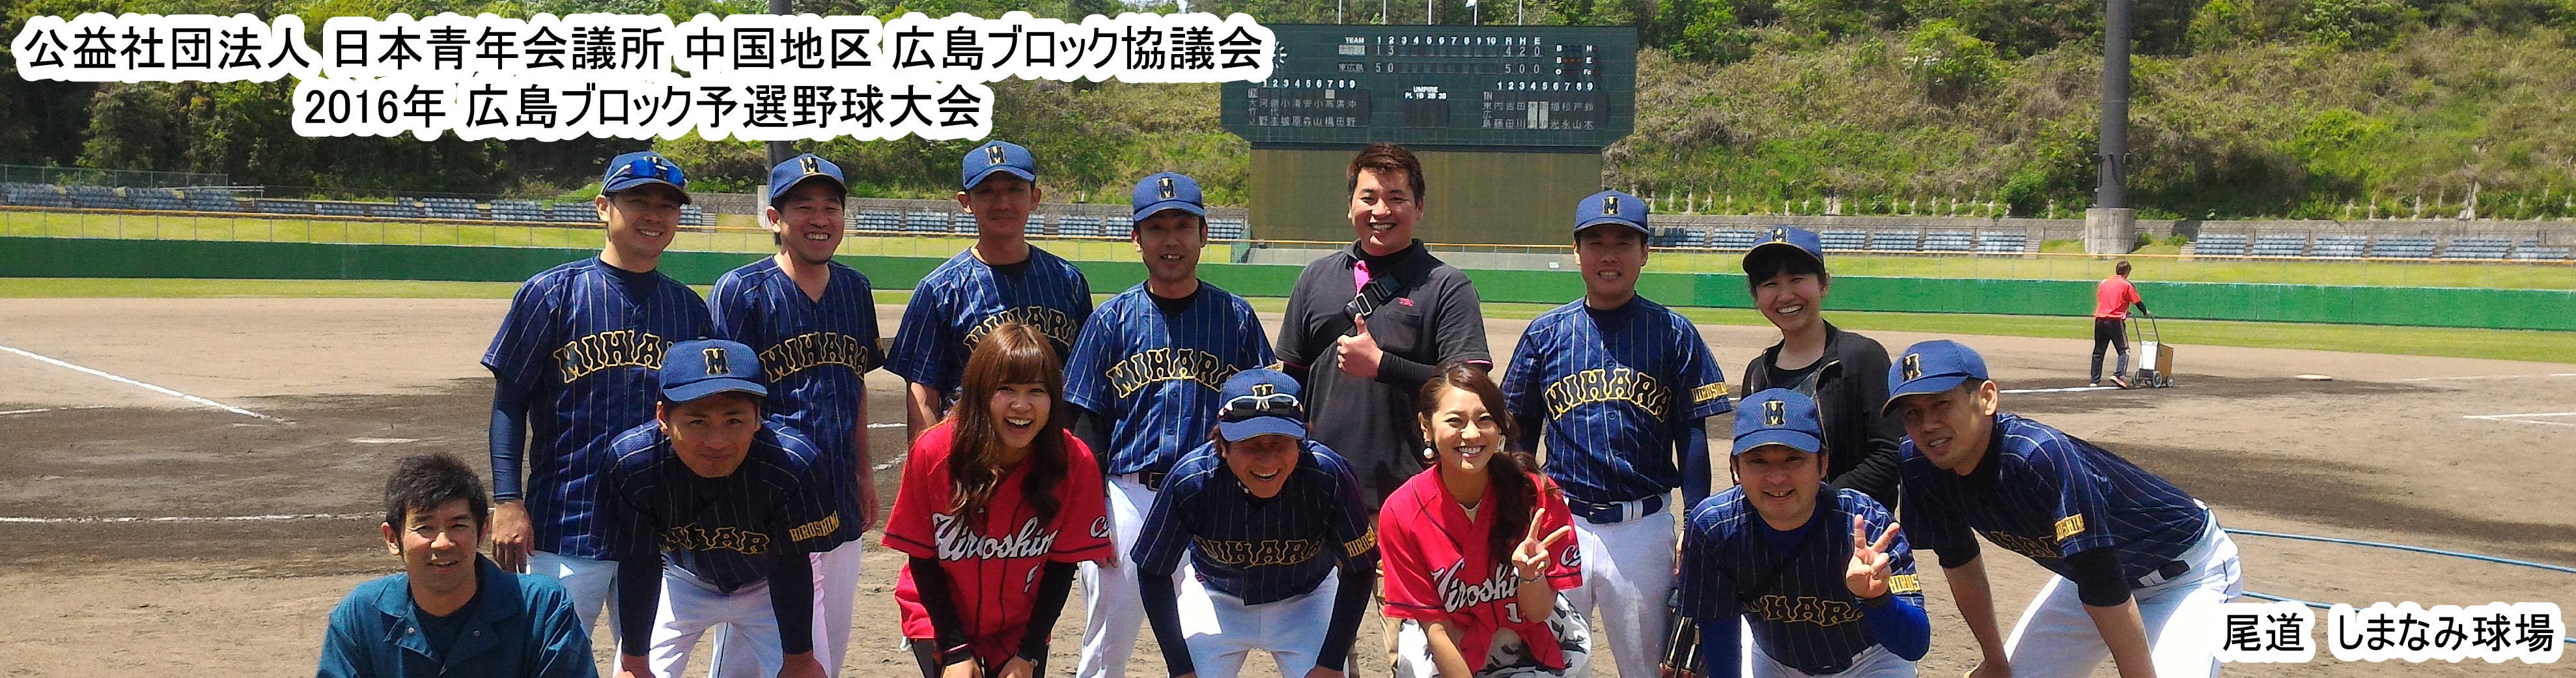 2016年 広島ブロック予選野球大会